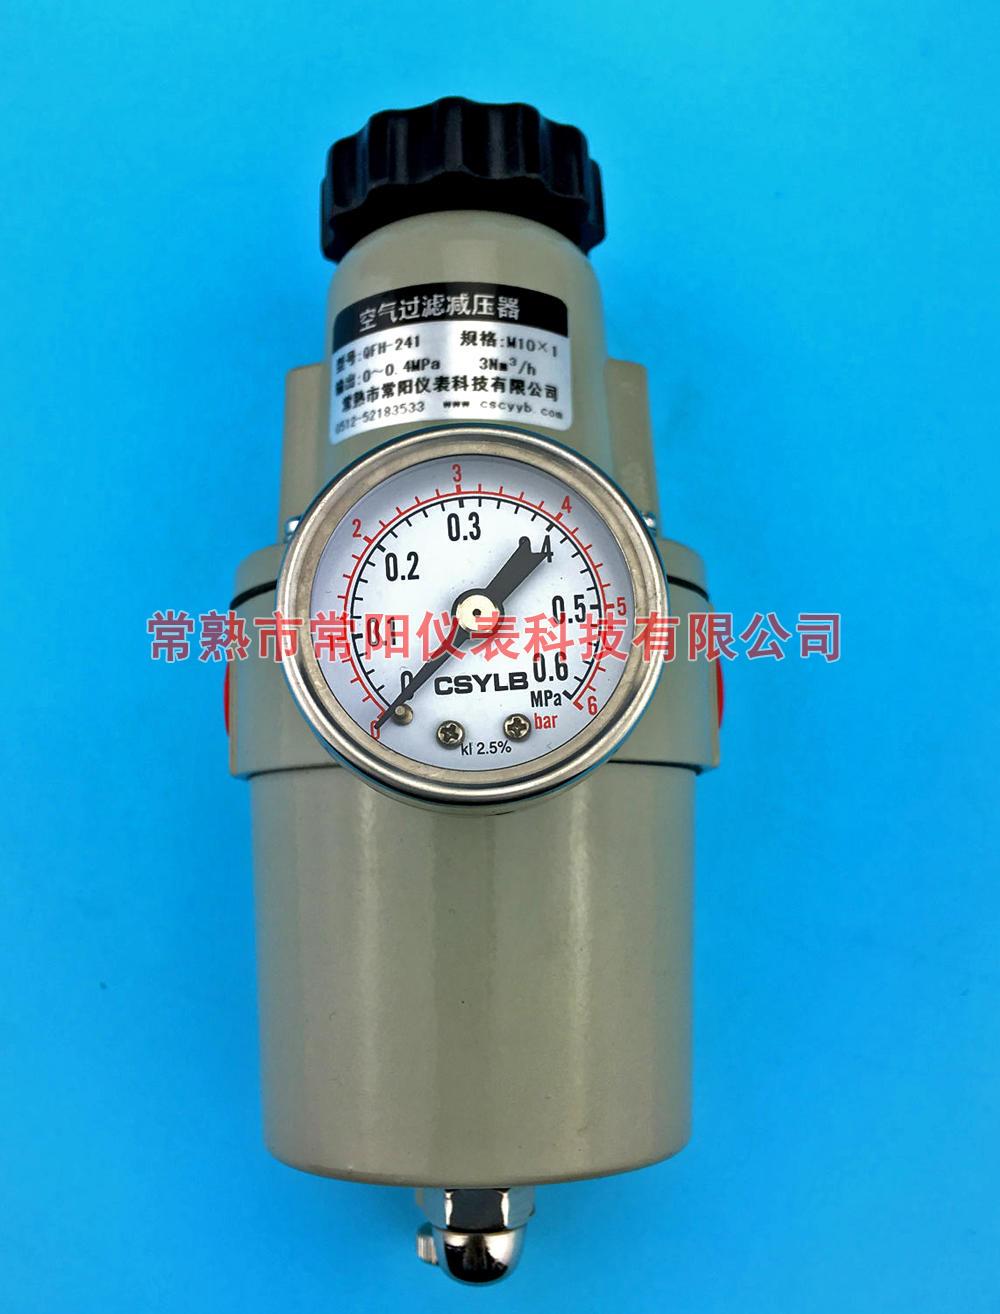 调压过滤器,QFH-111空气过滤减压阀,减压过滤器